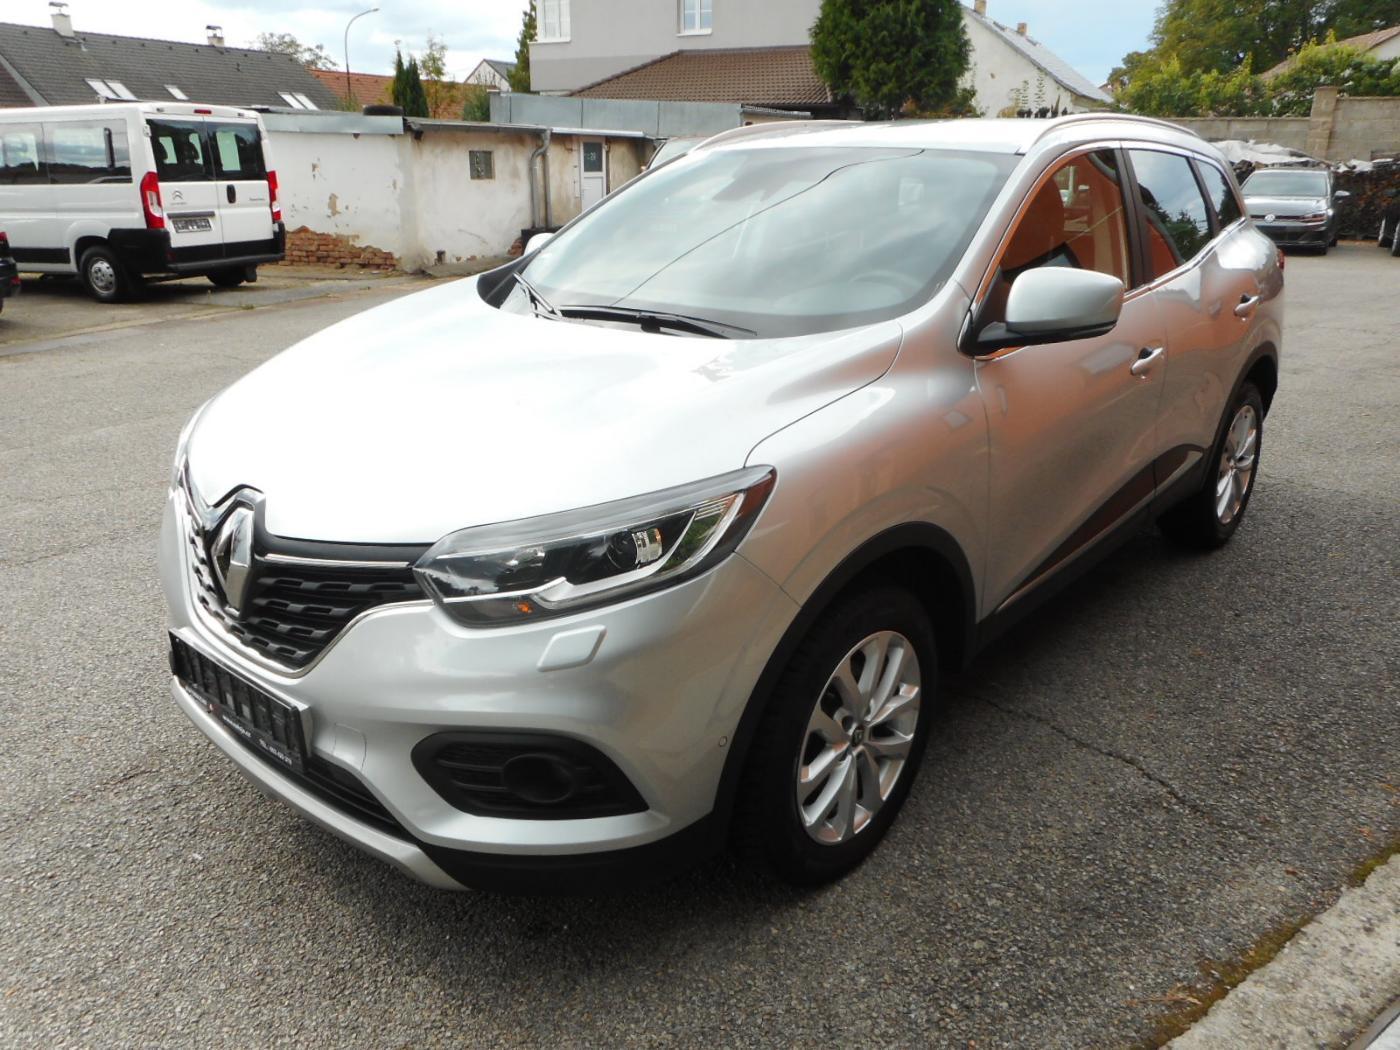 Renault Kadjar 1.3 TCe LIMITED POŠKOZENOKROUPY SUV